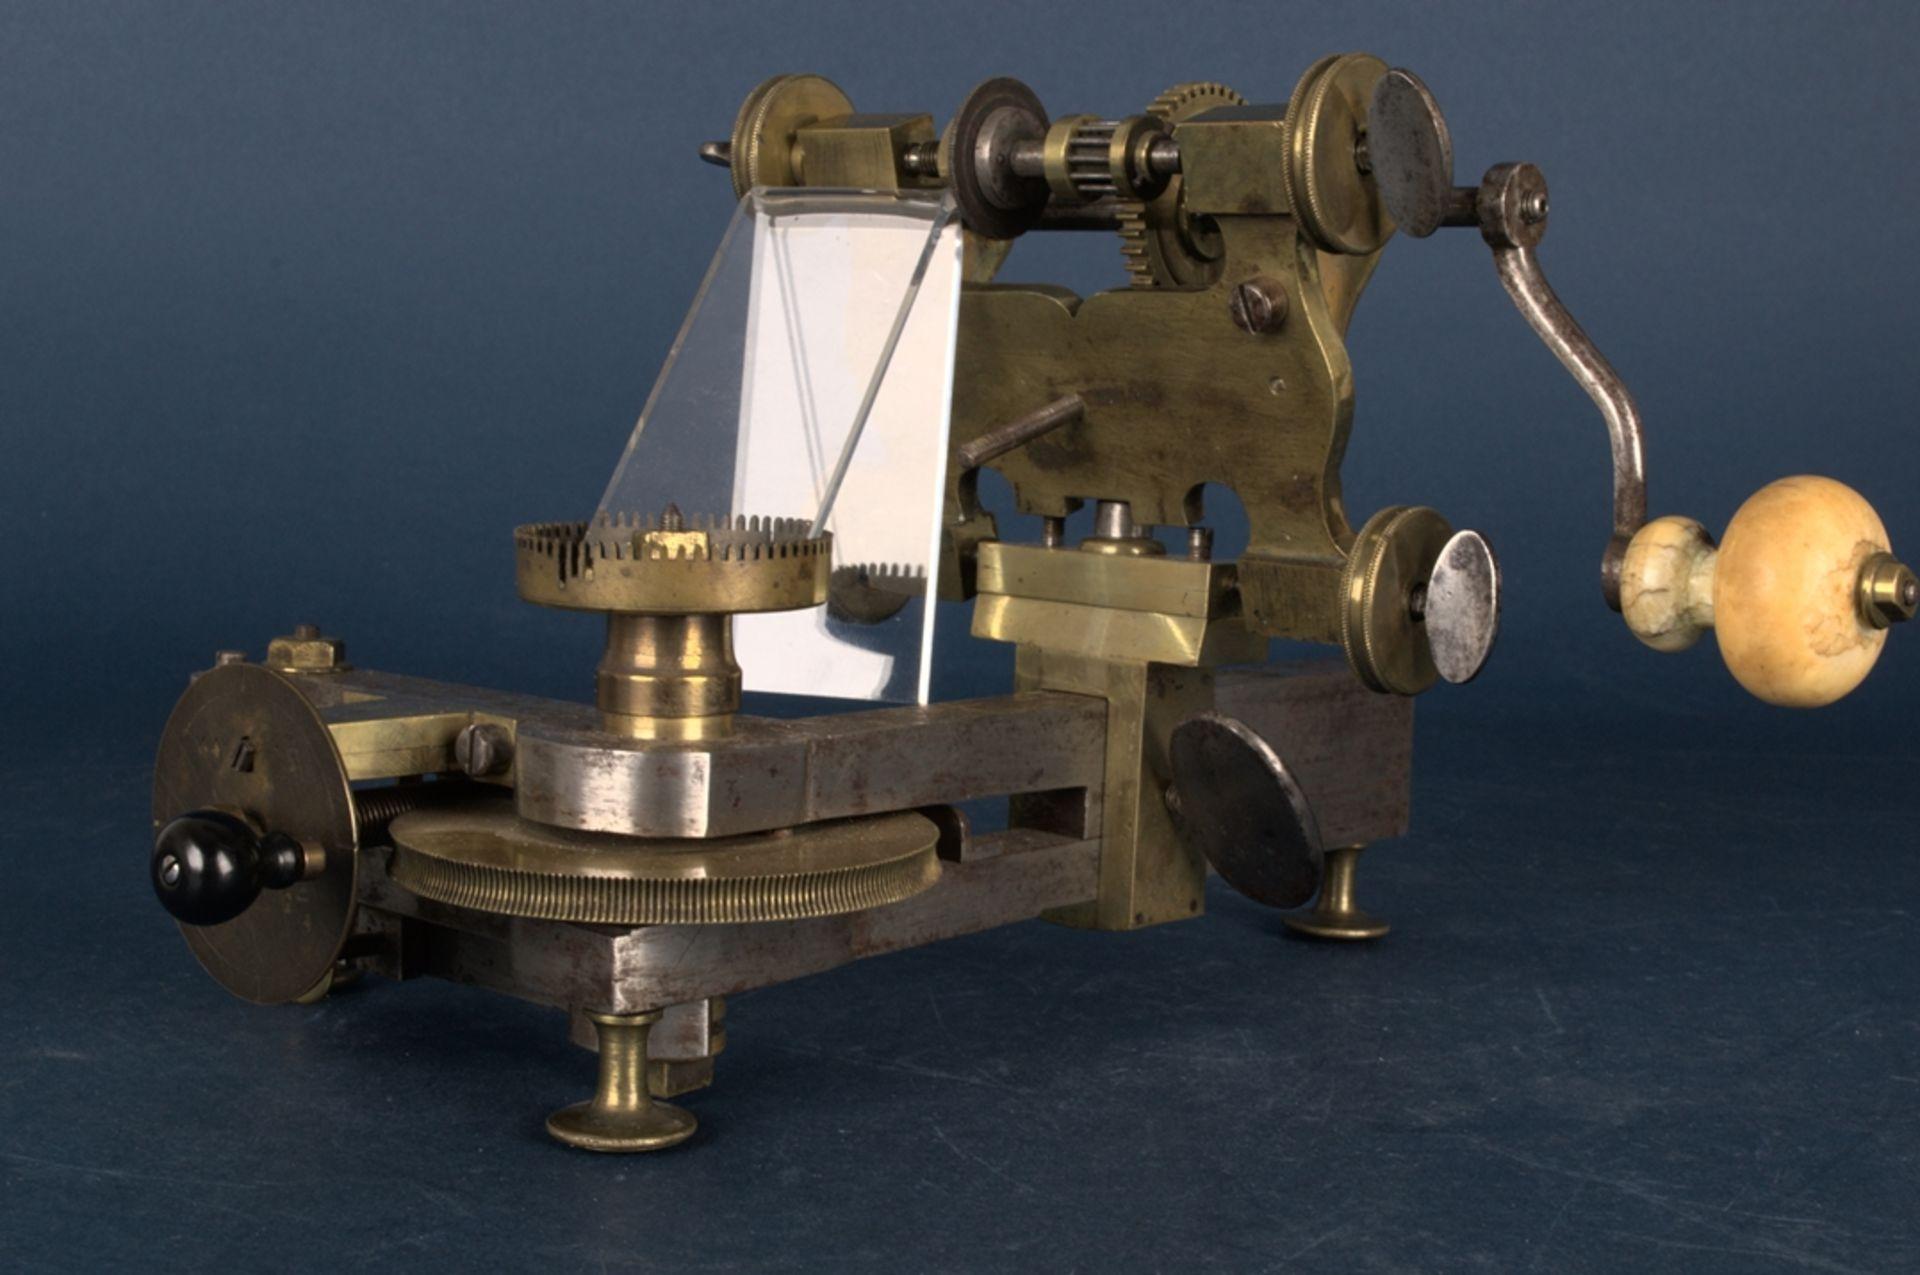 Zahnradfräsmaschine/Zahnräderschneidemaschine, frühes Uhrmacherwerkzeug, deutsch Mitte 18. Jhd., - Bild 27 aus 29